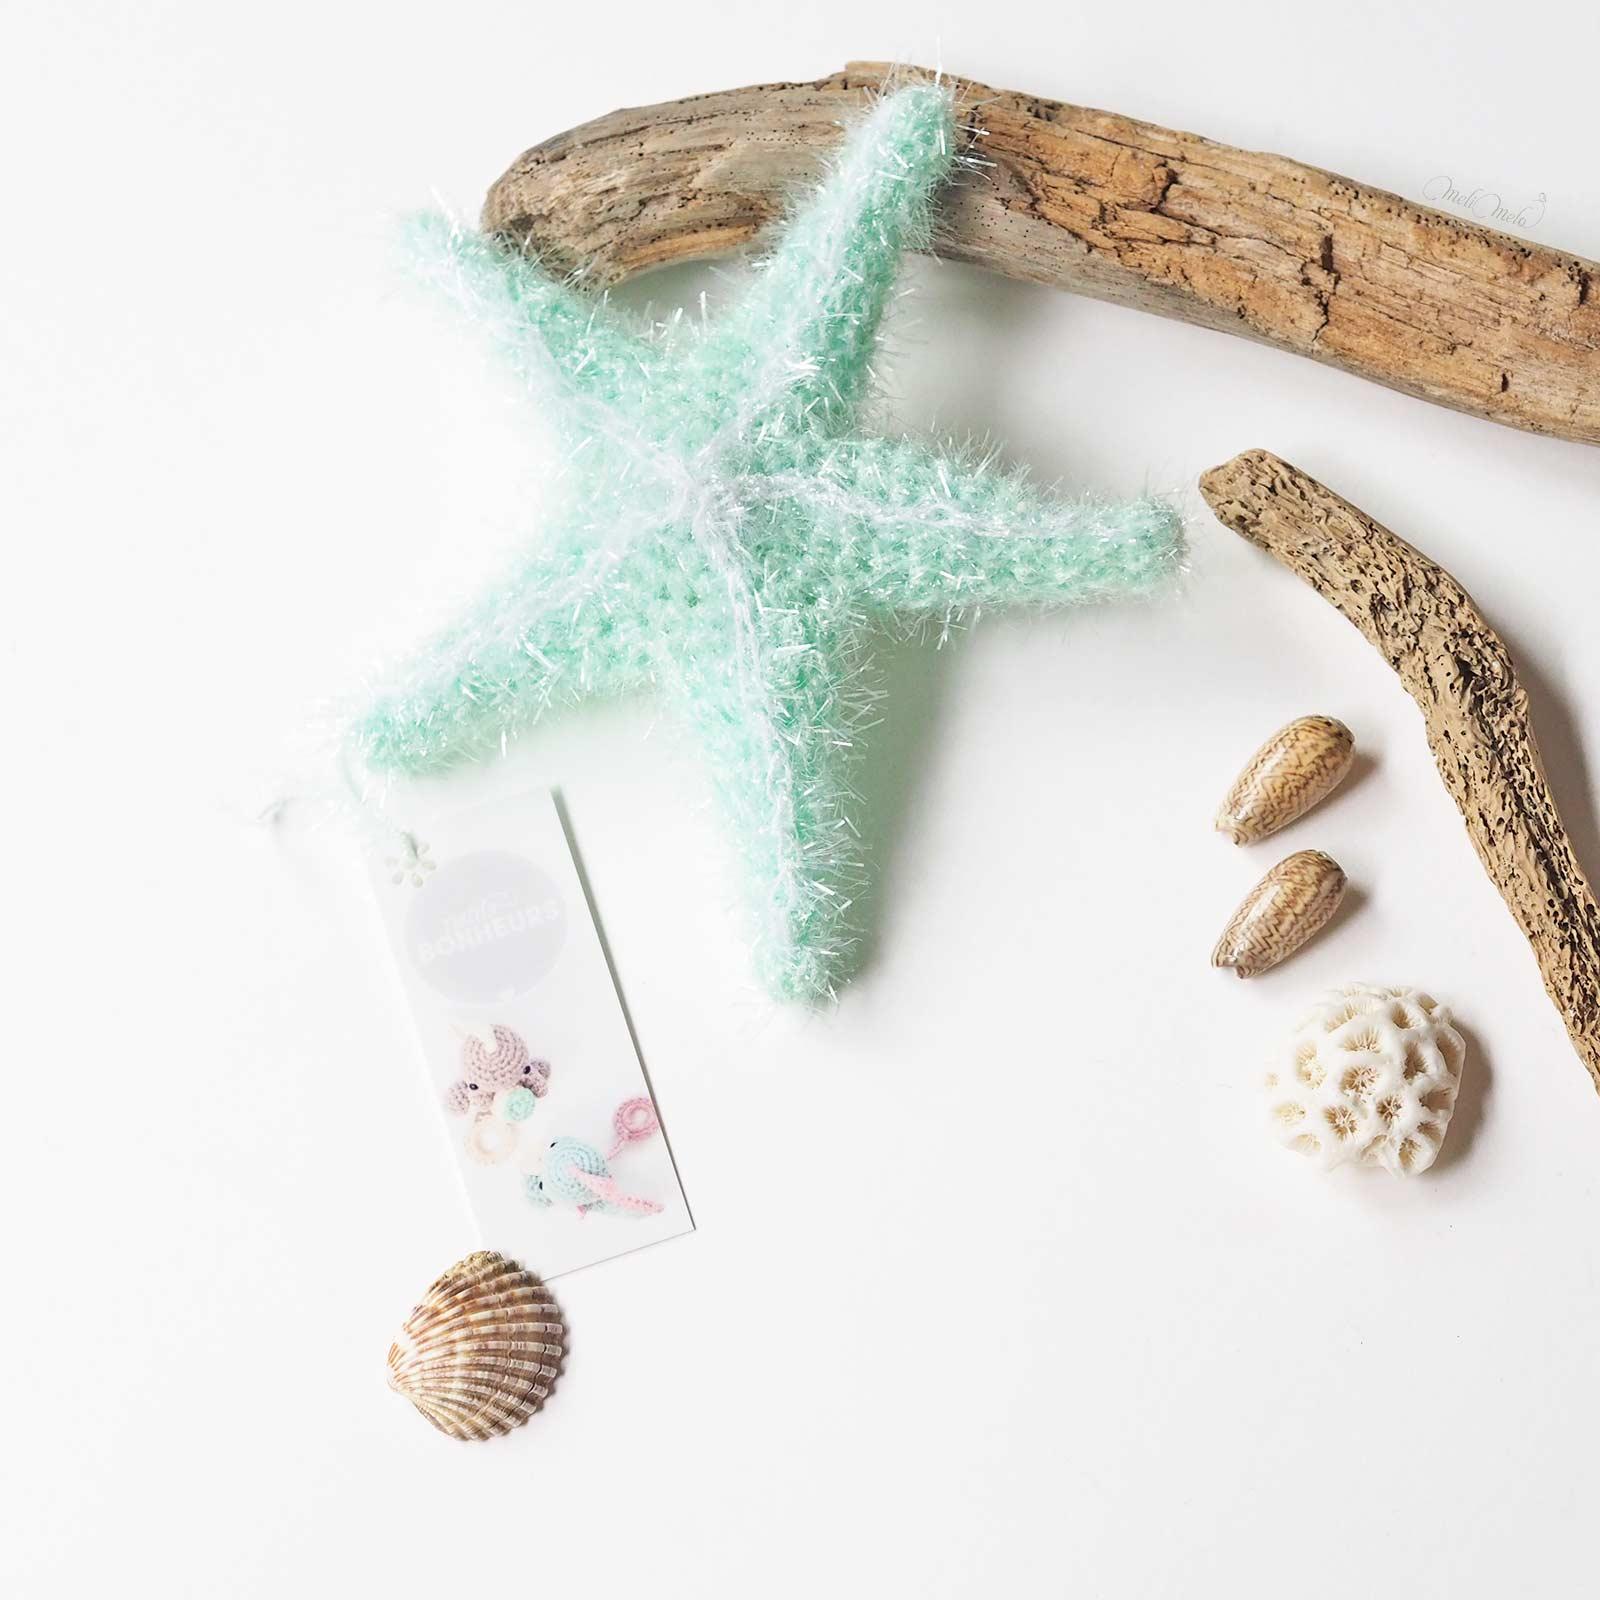 éponge tawashi exfoliante pour corps étoile de mer côté face starfish mint Creative bubble Rico Design Moocards minicards laboutiquedemelimelo